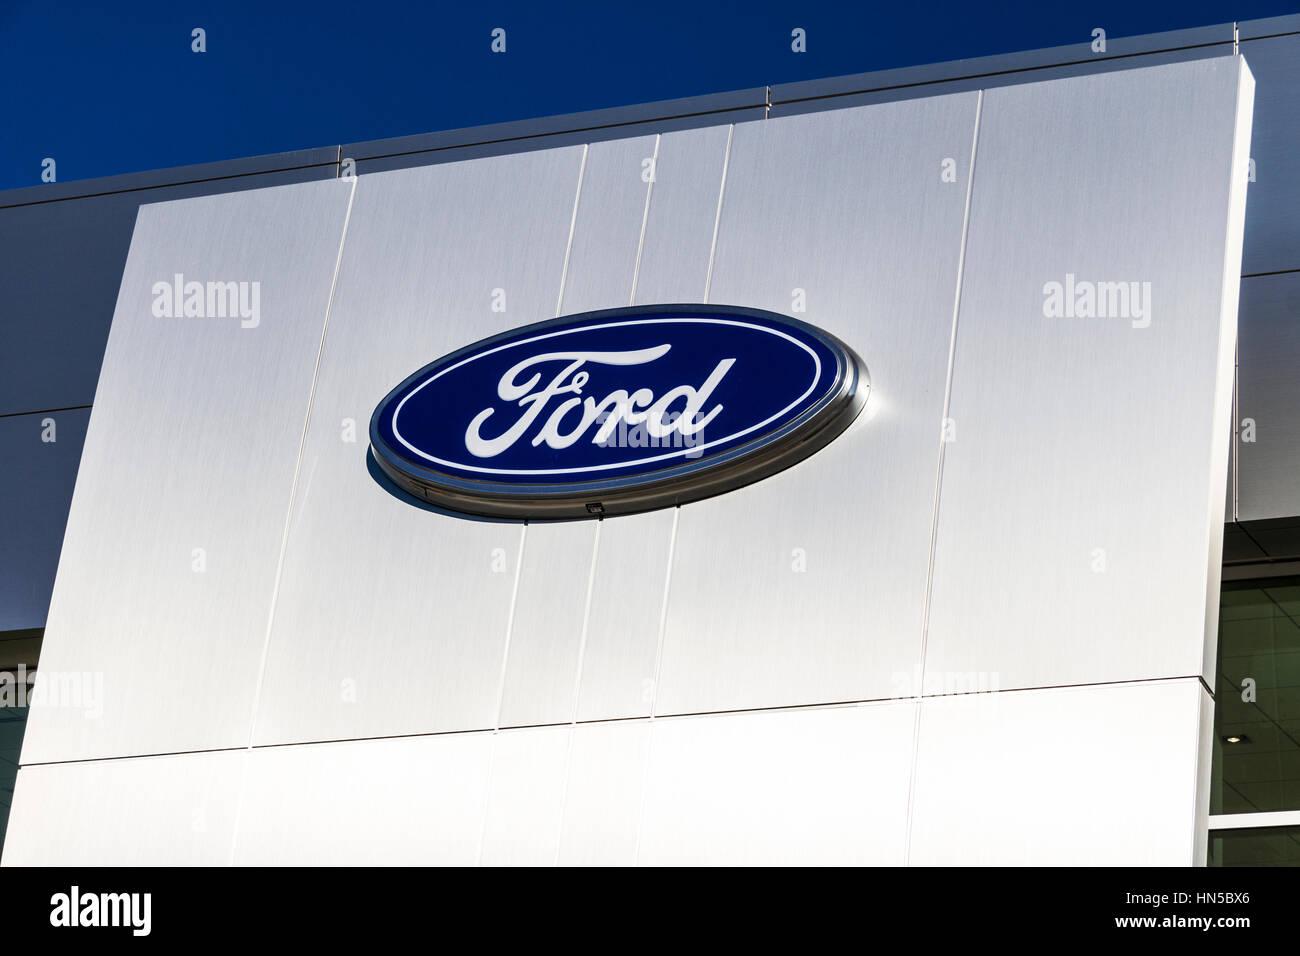 Indianapolis - ca. Februar 2017: Eine lokale Ford Auto und LKW-Händler. Ford verkauft Produkte unter den Marken Stockbild